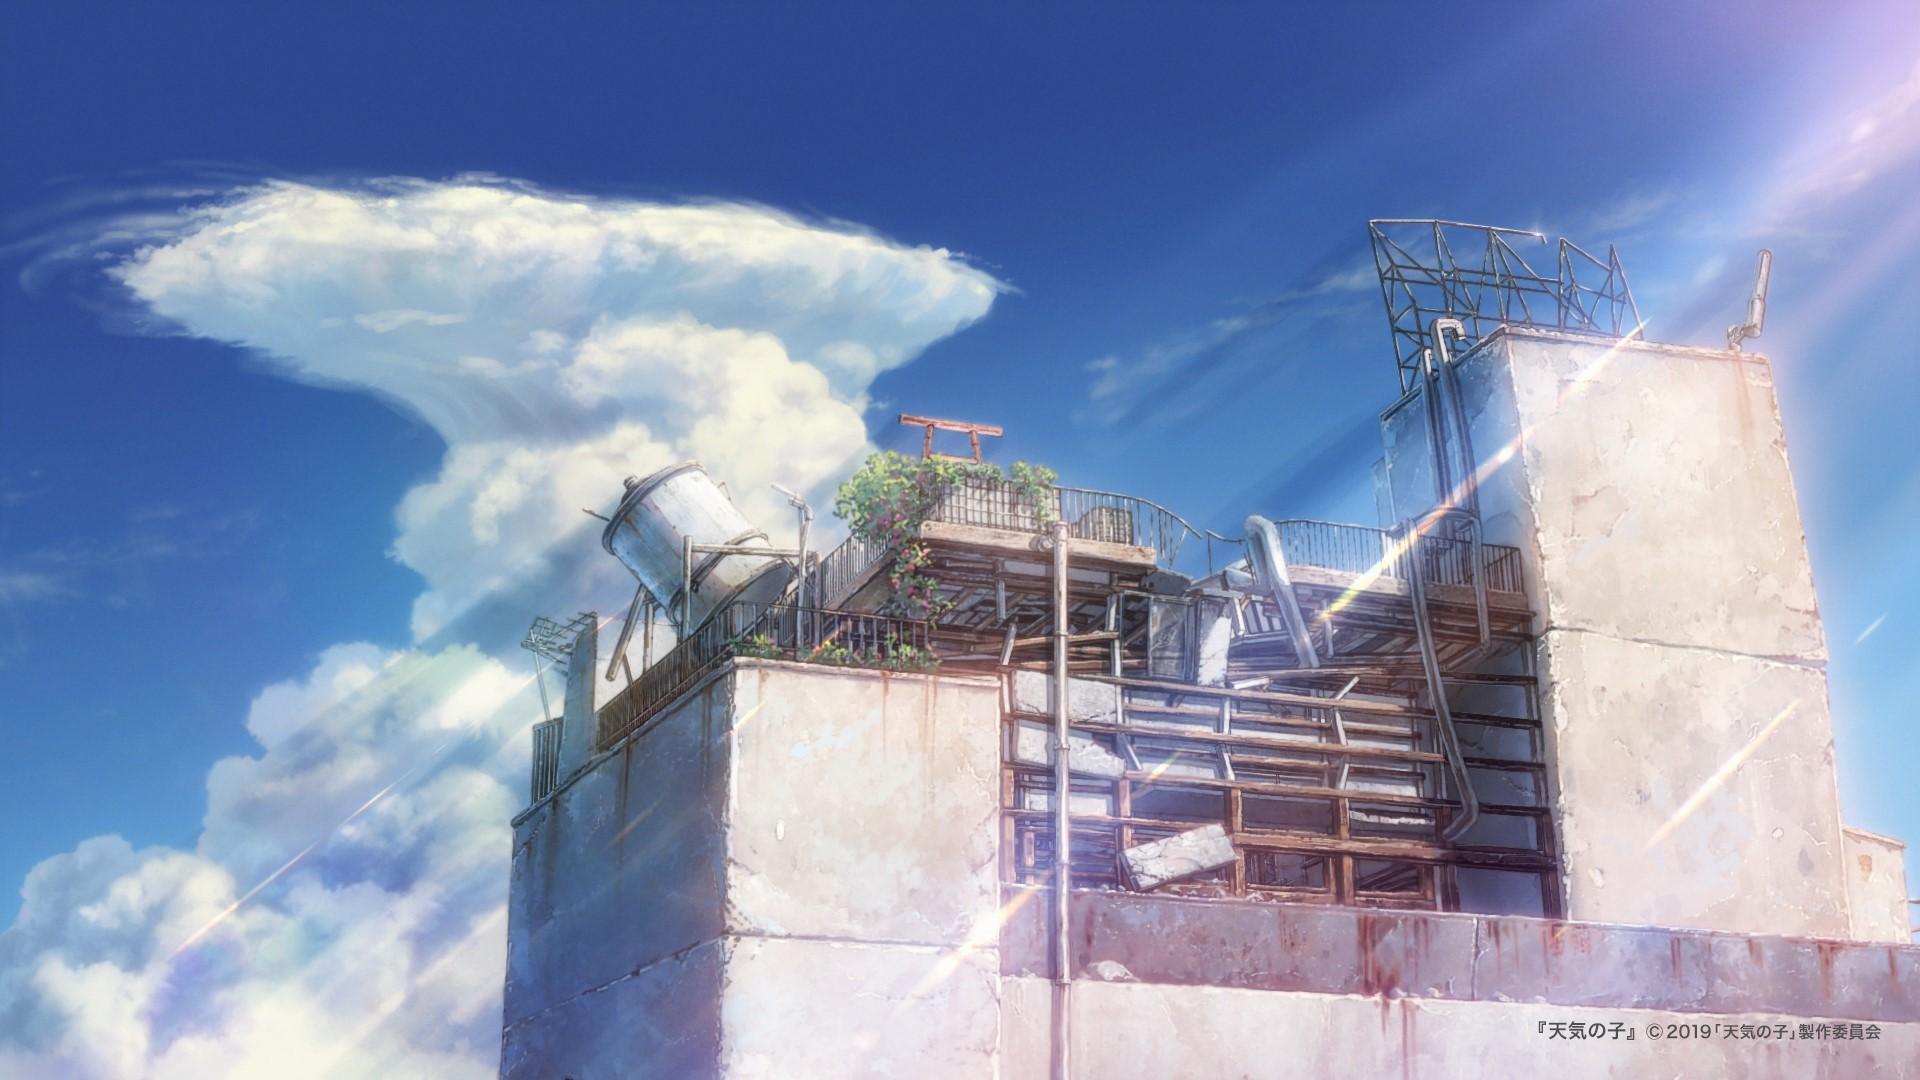 天气之子 在线会议 壁纸 tenkinoko_movie 1262926918271135744_p3